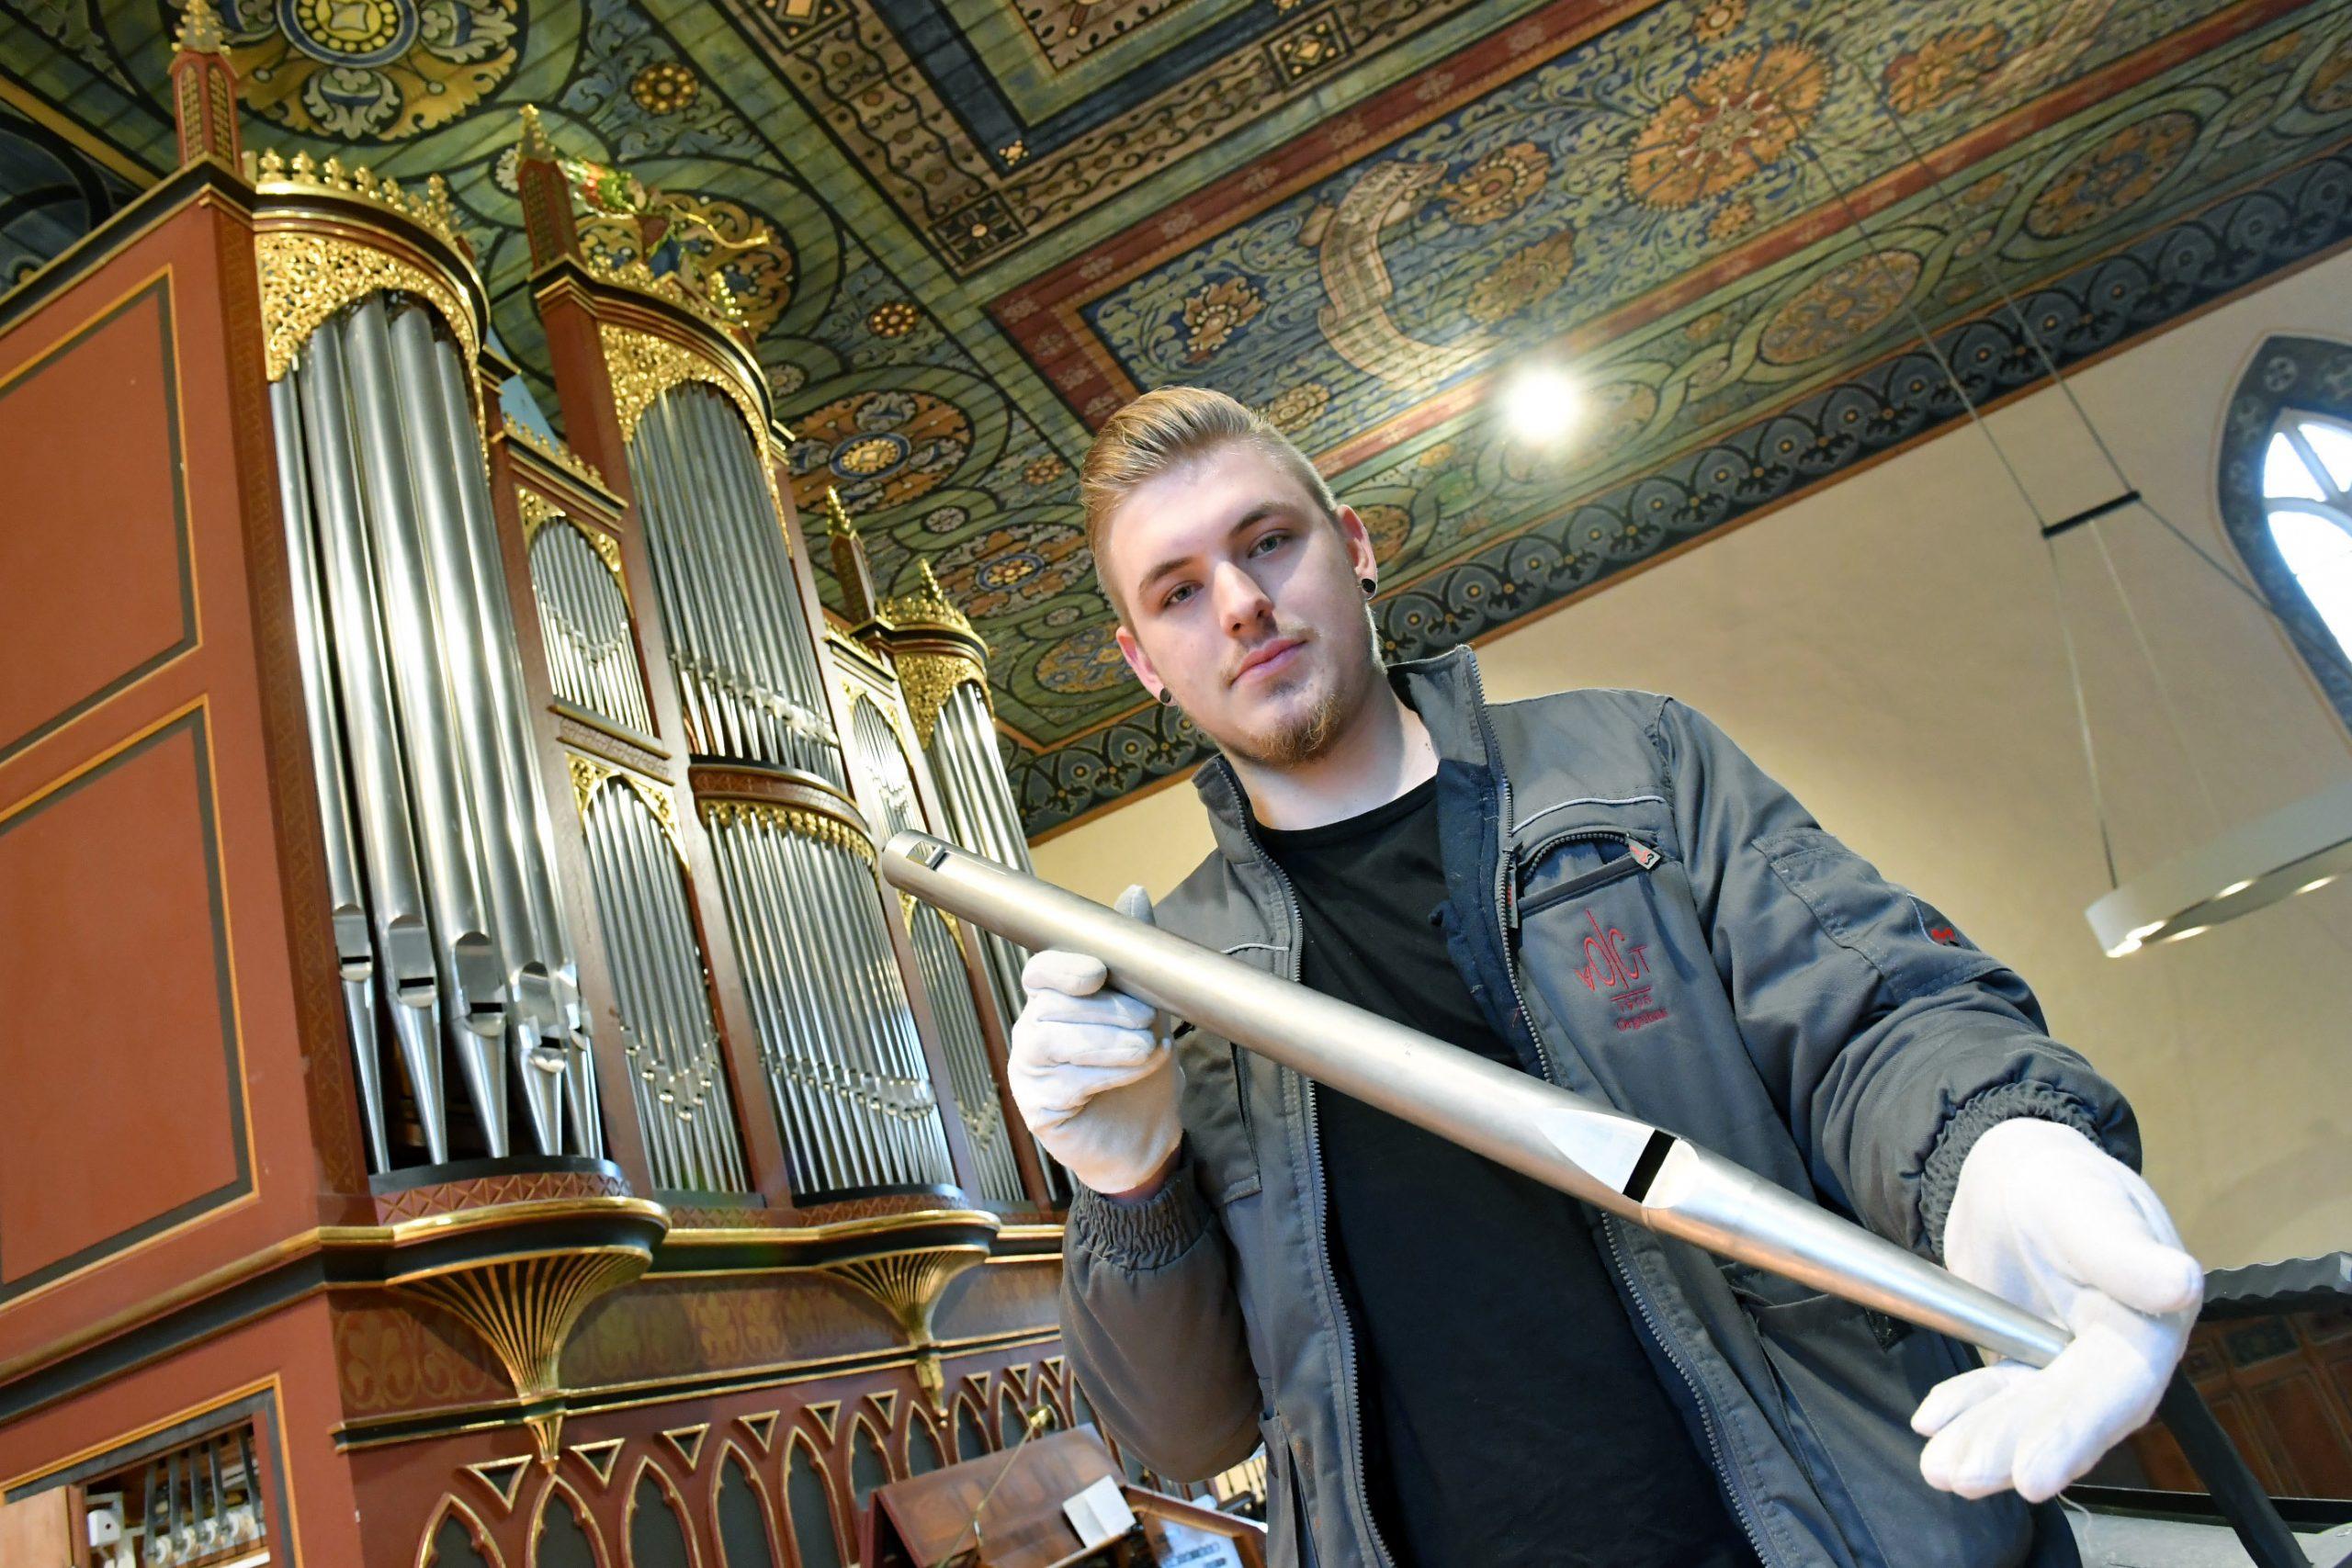 Musik und Handwerk vereint – Brandenburger wird Bundessieger im Orgelbauen